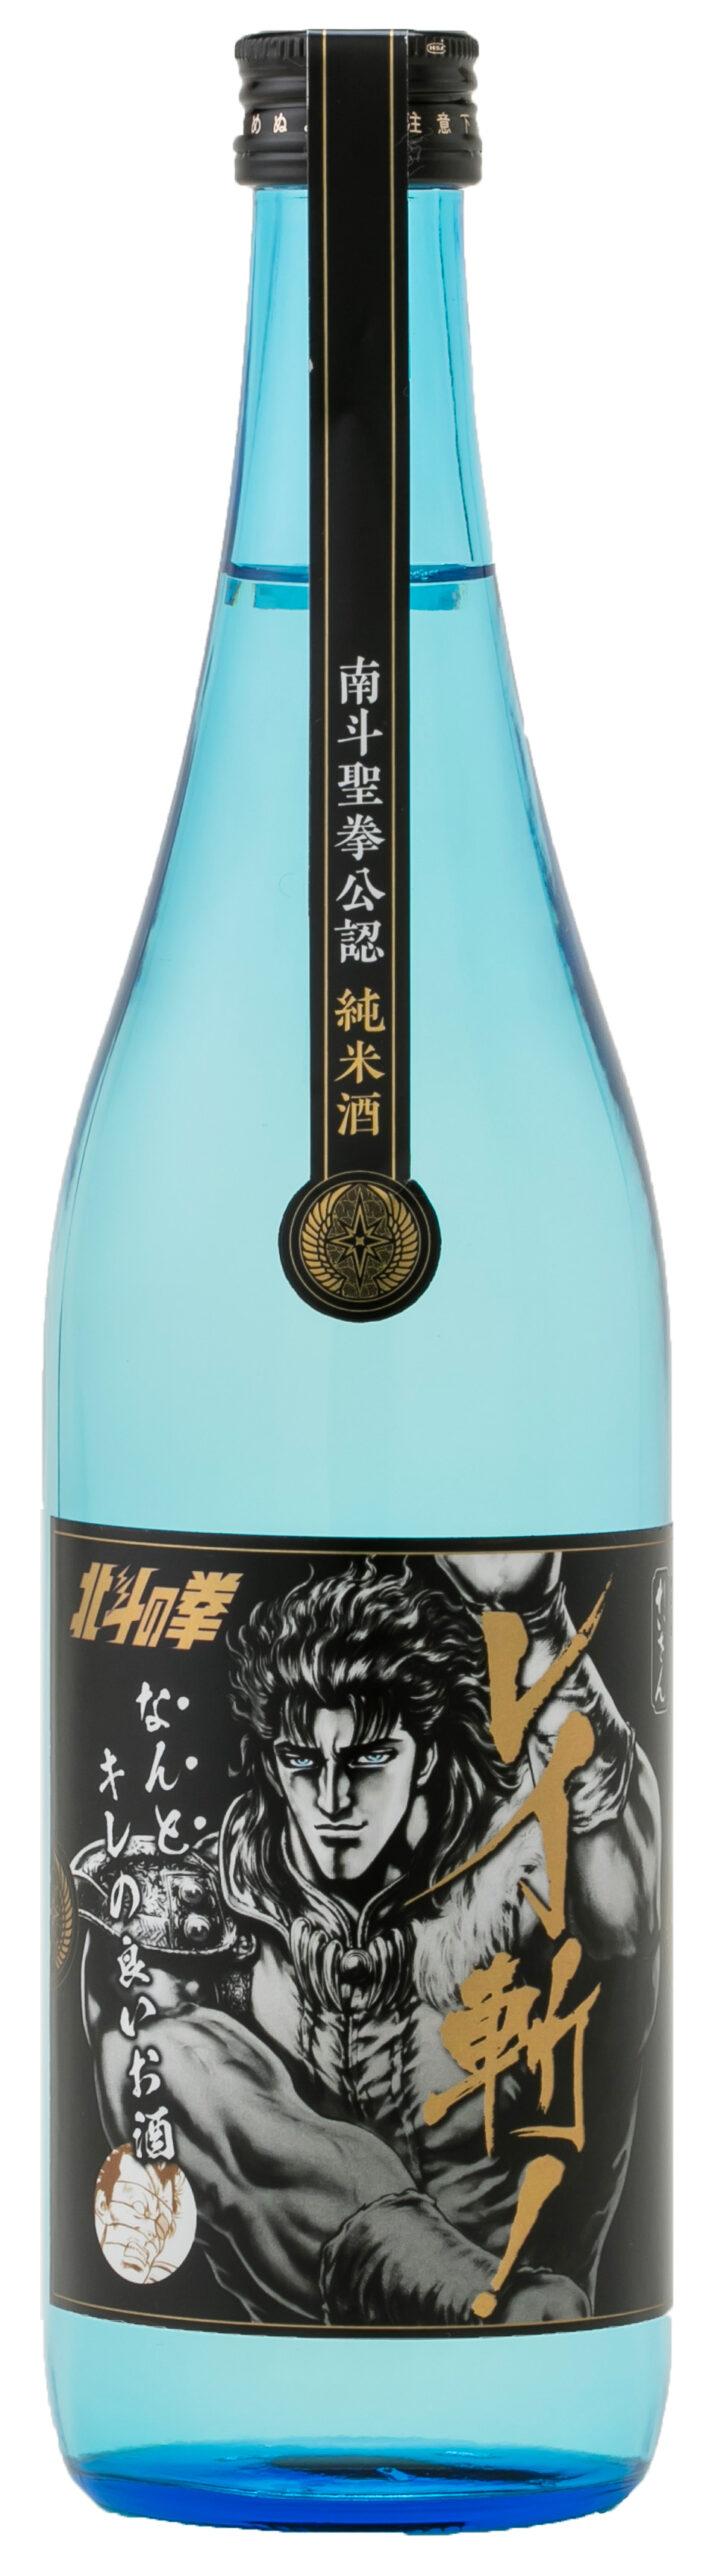 「阿蘇の酒れいざん」が漫画『北斗の拳』とコラボレーションした日本酒「レイ斬! ( れいざん)」を発売いたします。